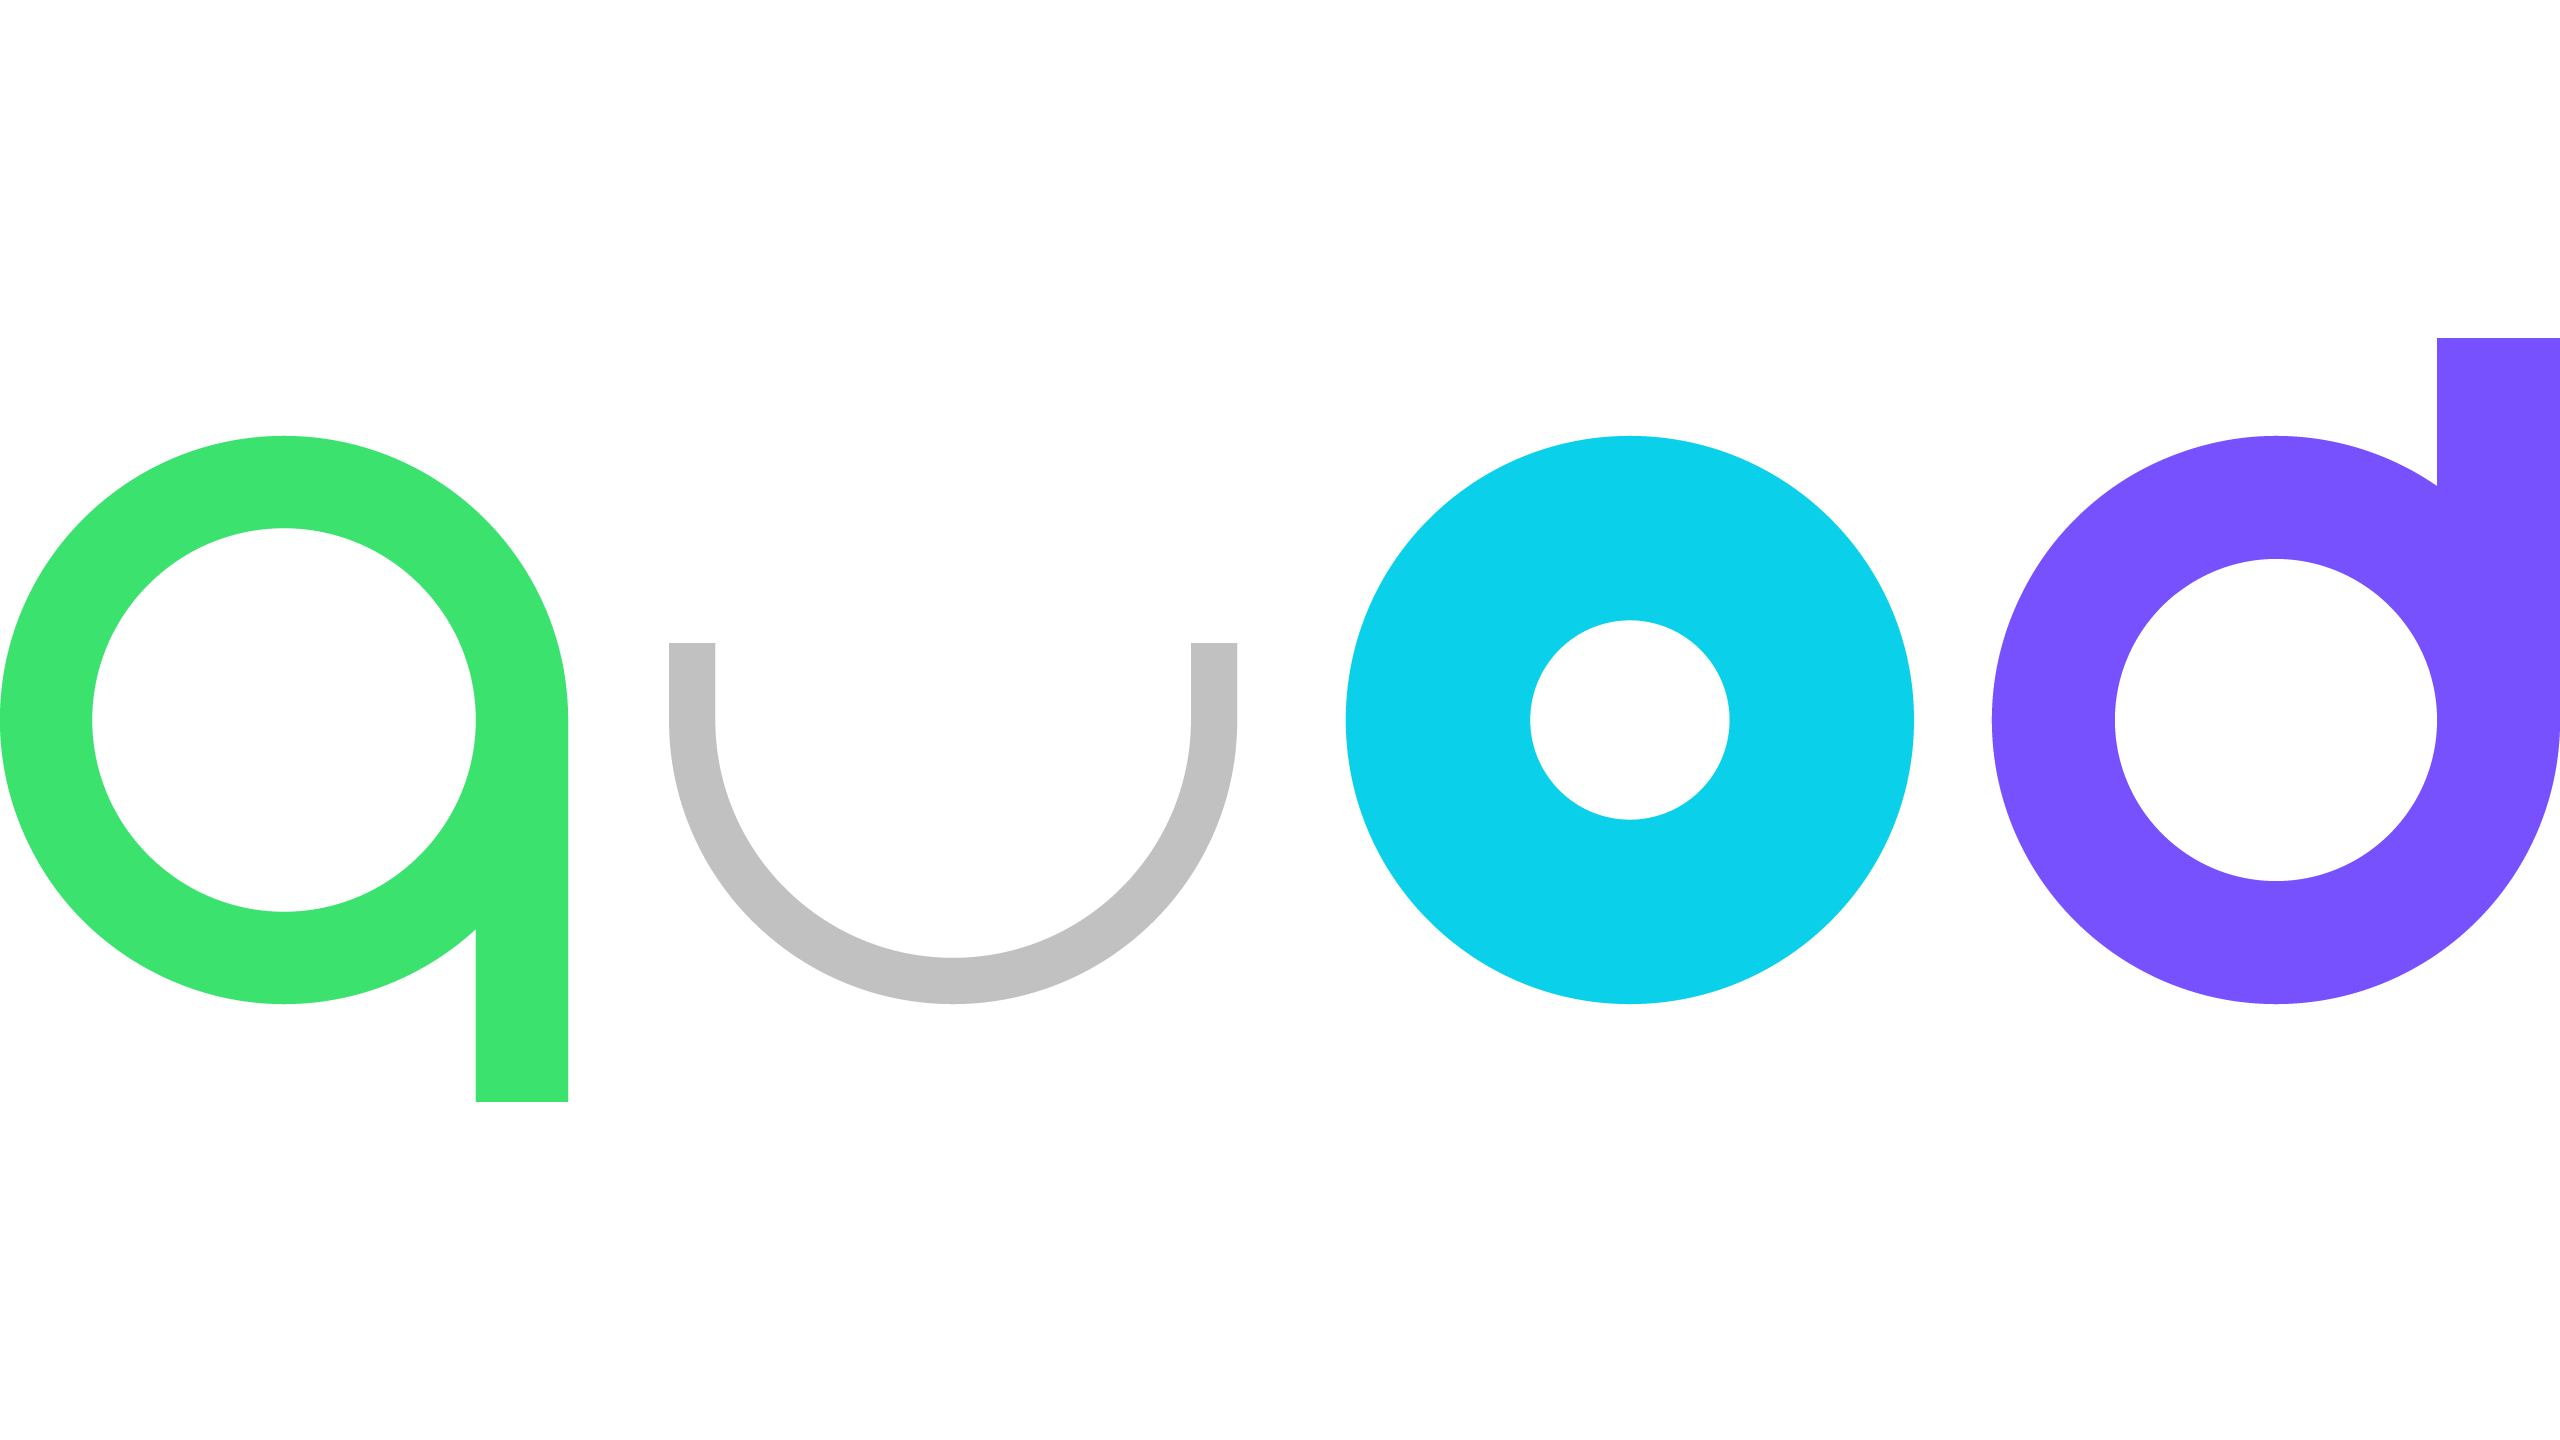 Logomarca da Quod